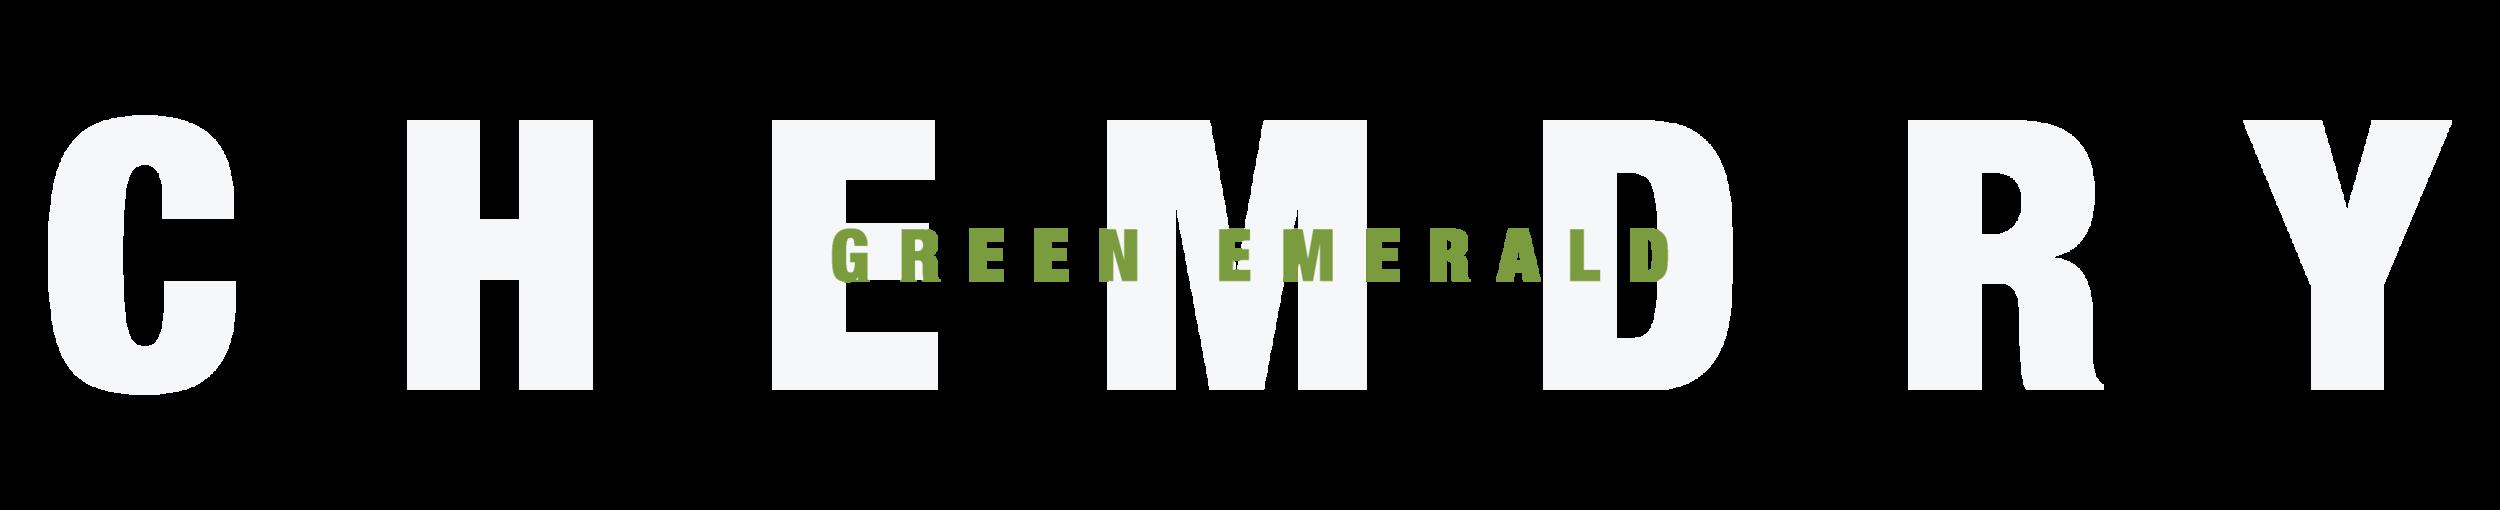 ChemDry-GreenEmerald.png